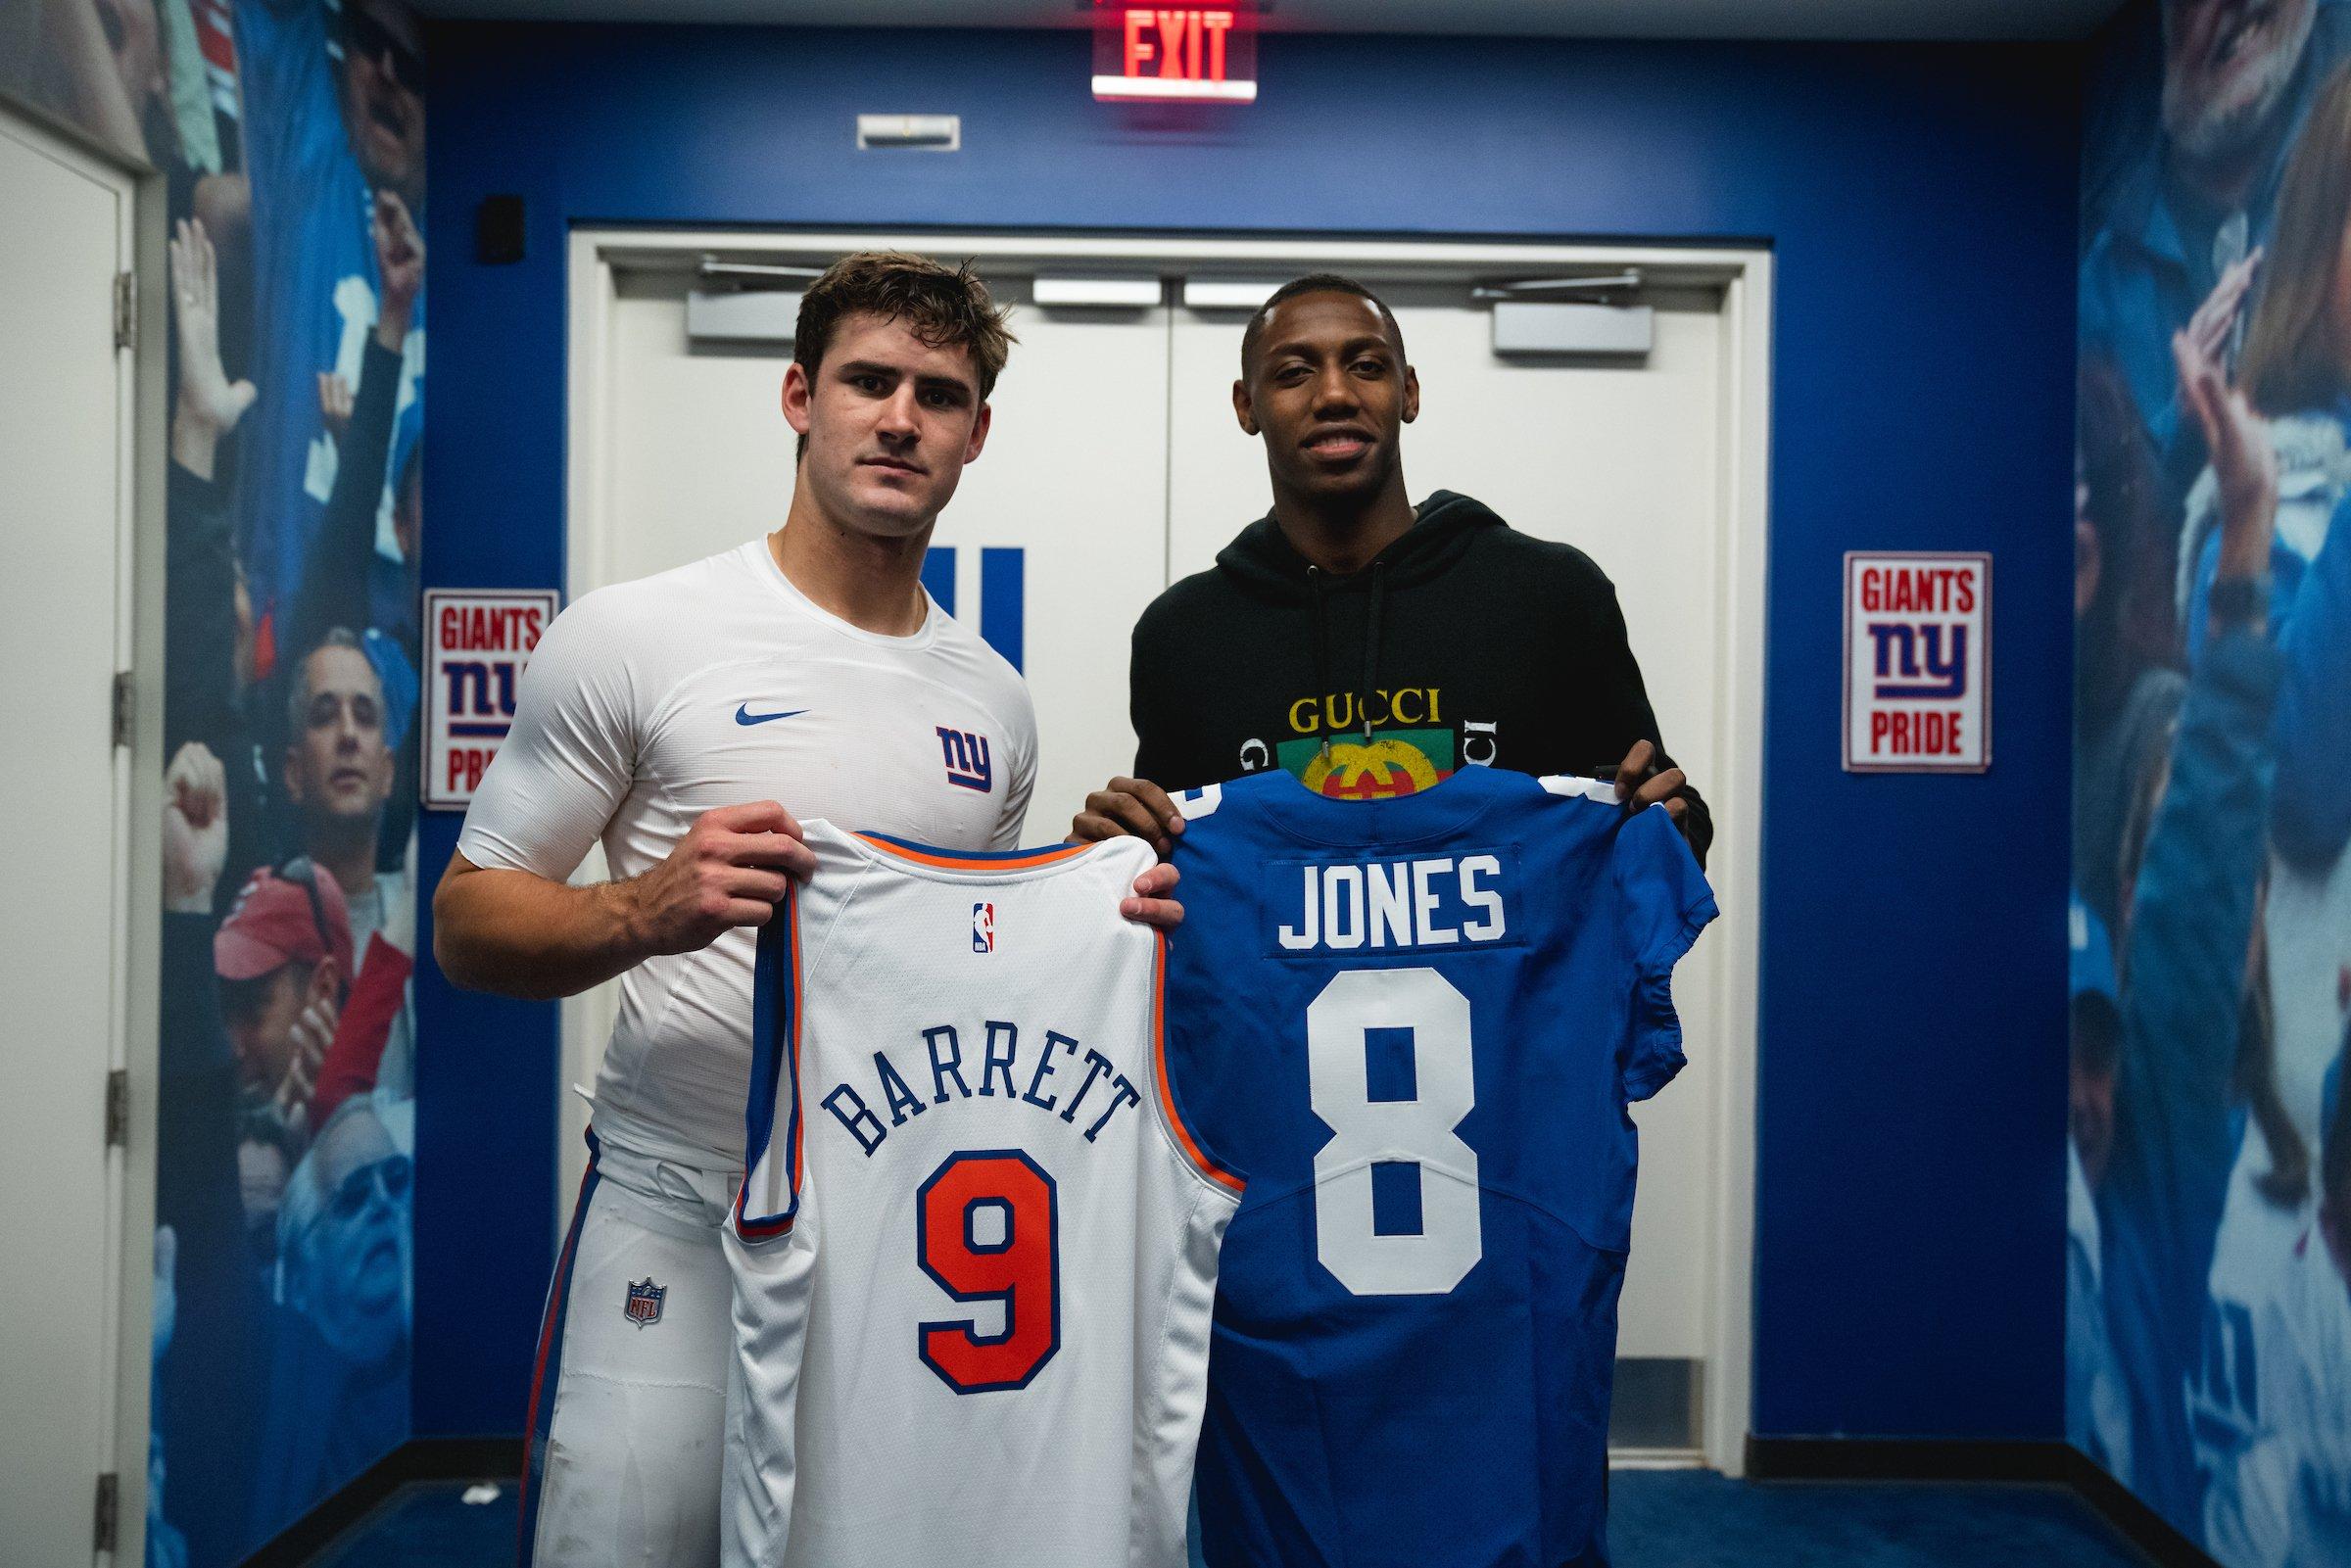 尼克斯官方展示巴雷特与橄榄球明星互换球衣的照片